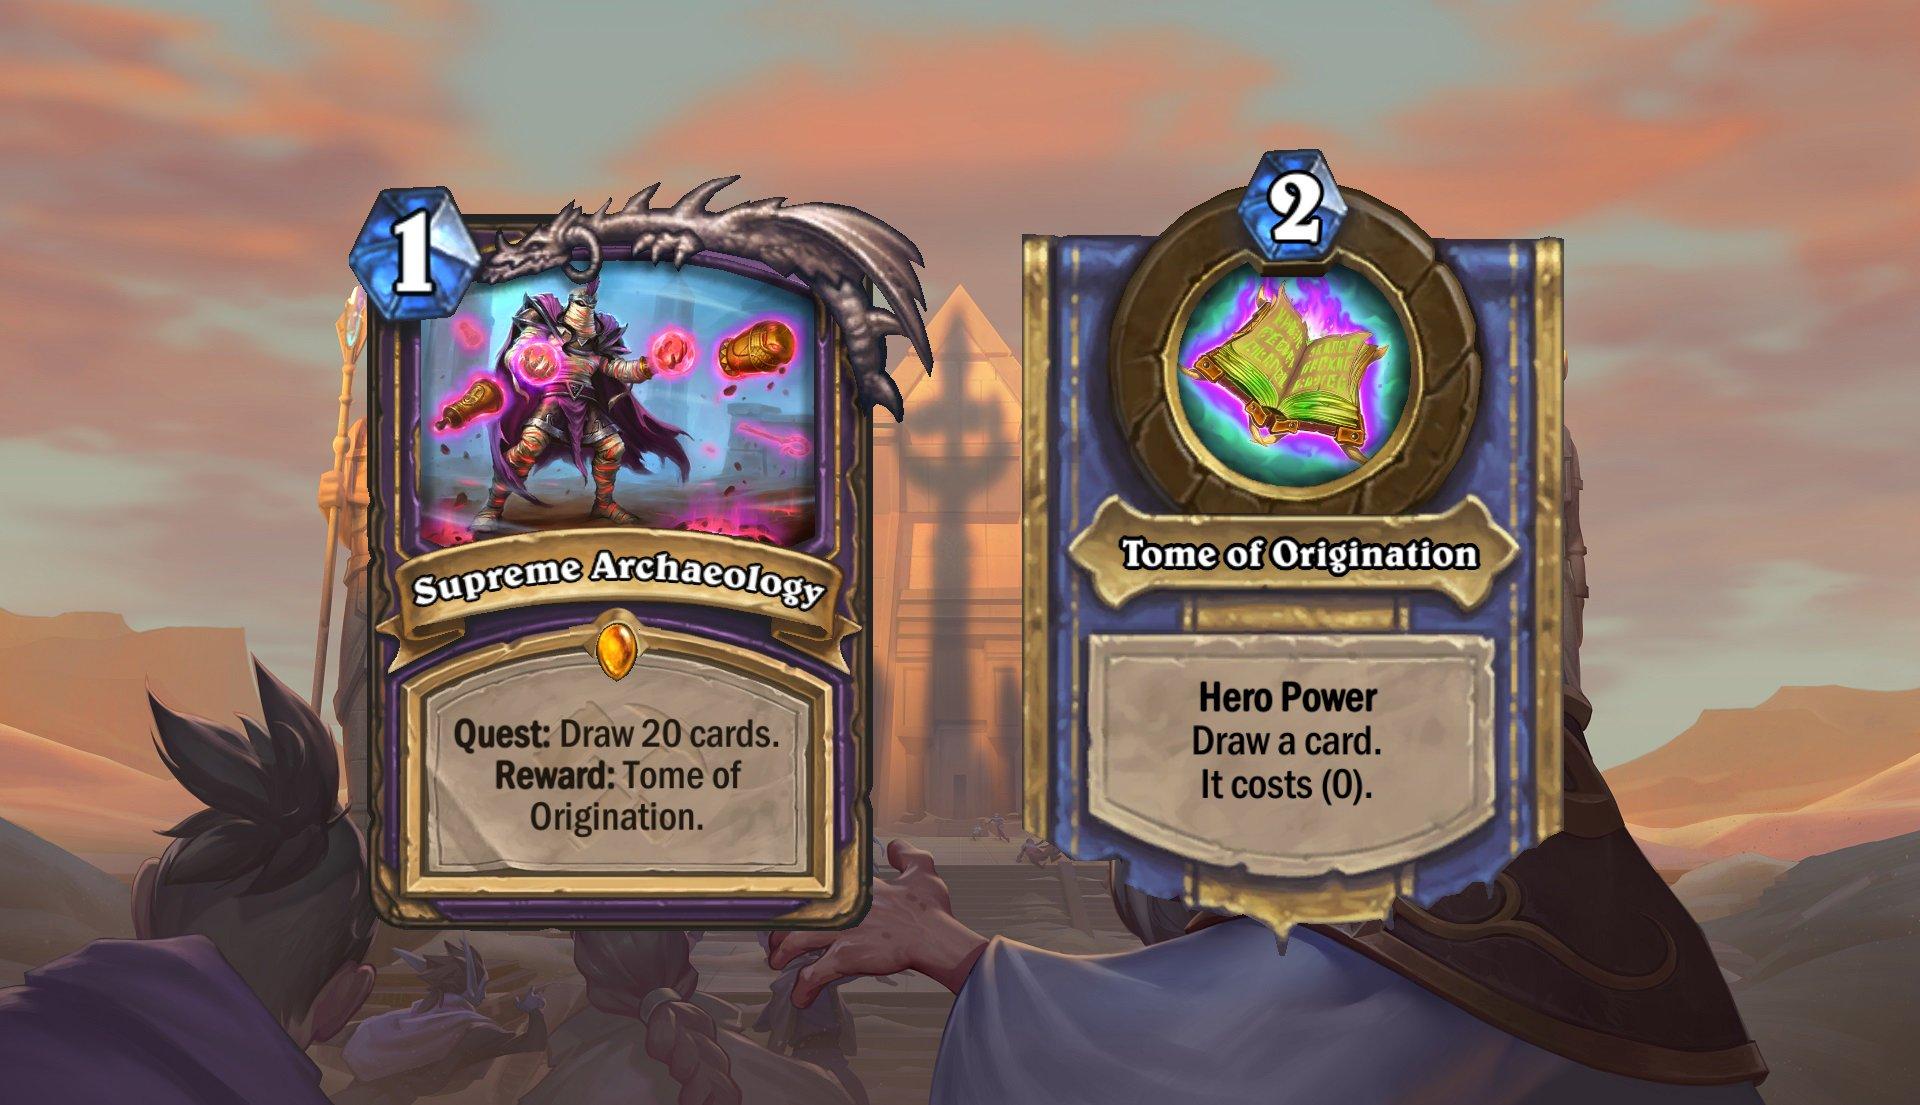 Hearthstone - Warlock Quest